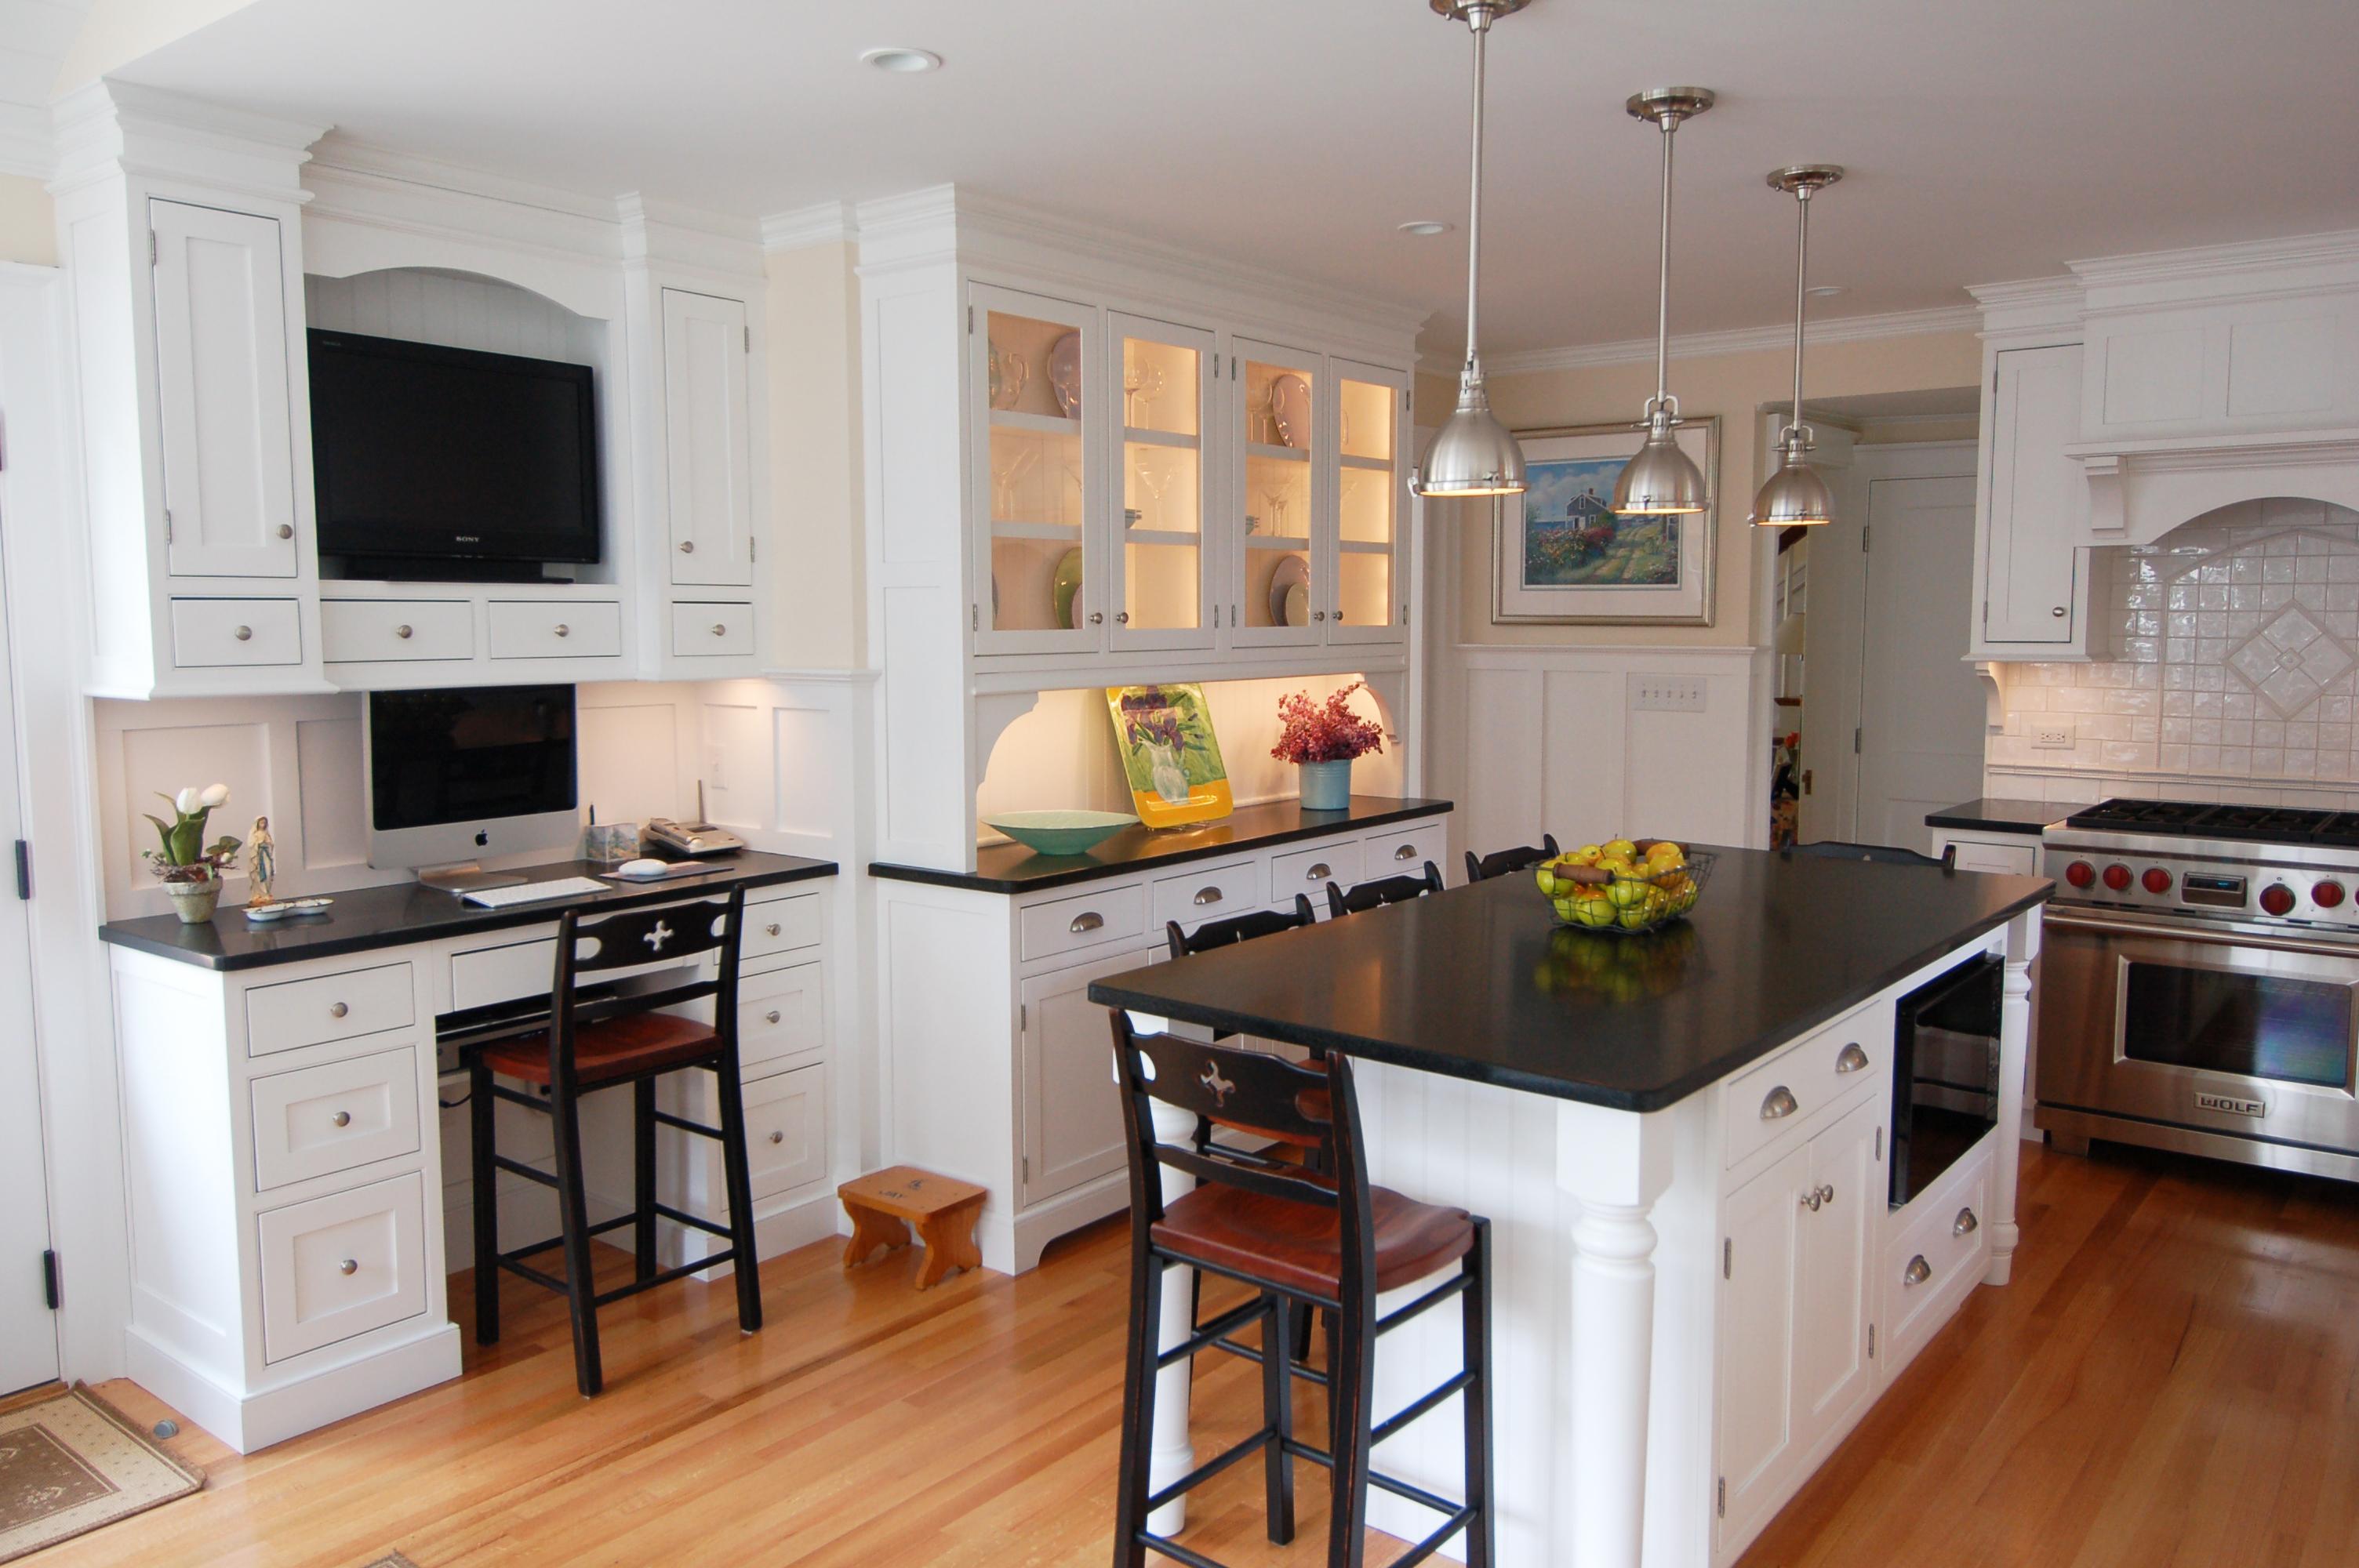 cohasset kitchen redesign - Kitchen Redesign